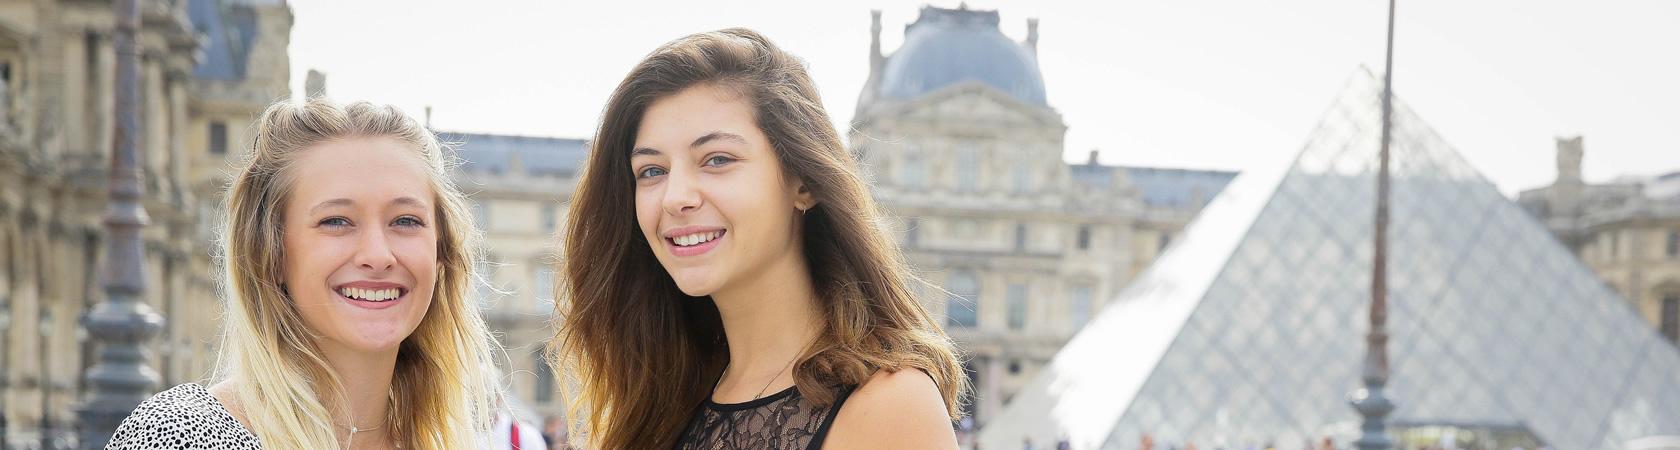 EFAP Paris Summer School - Summer Program in France